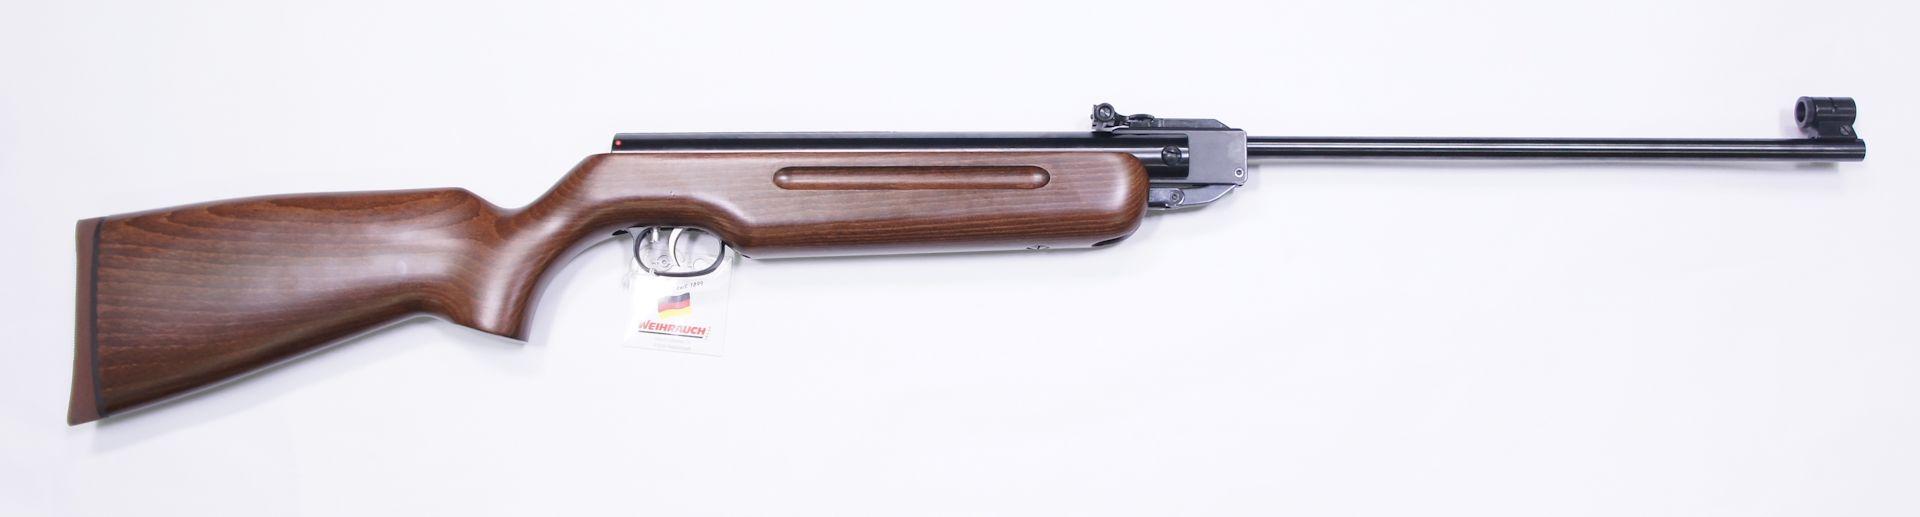 Das Luftgewehr Weihrauch HW 35 mach von allen Seiten einen wertigen und und überzeugenden Eindruck.